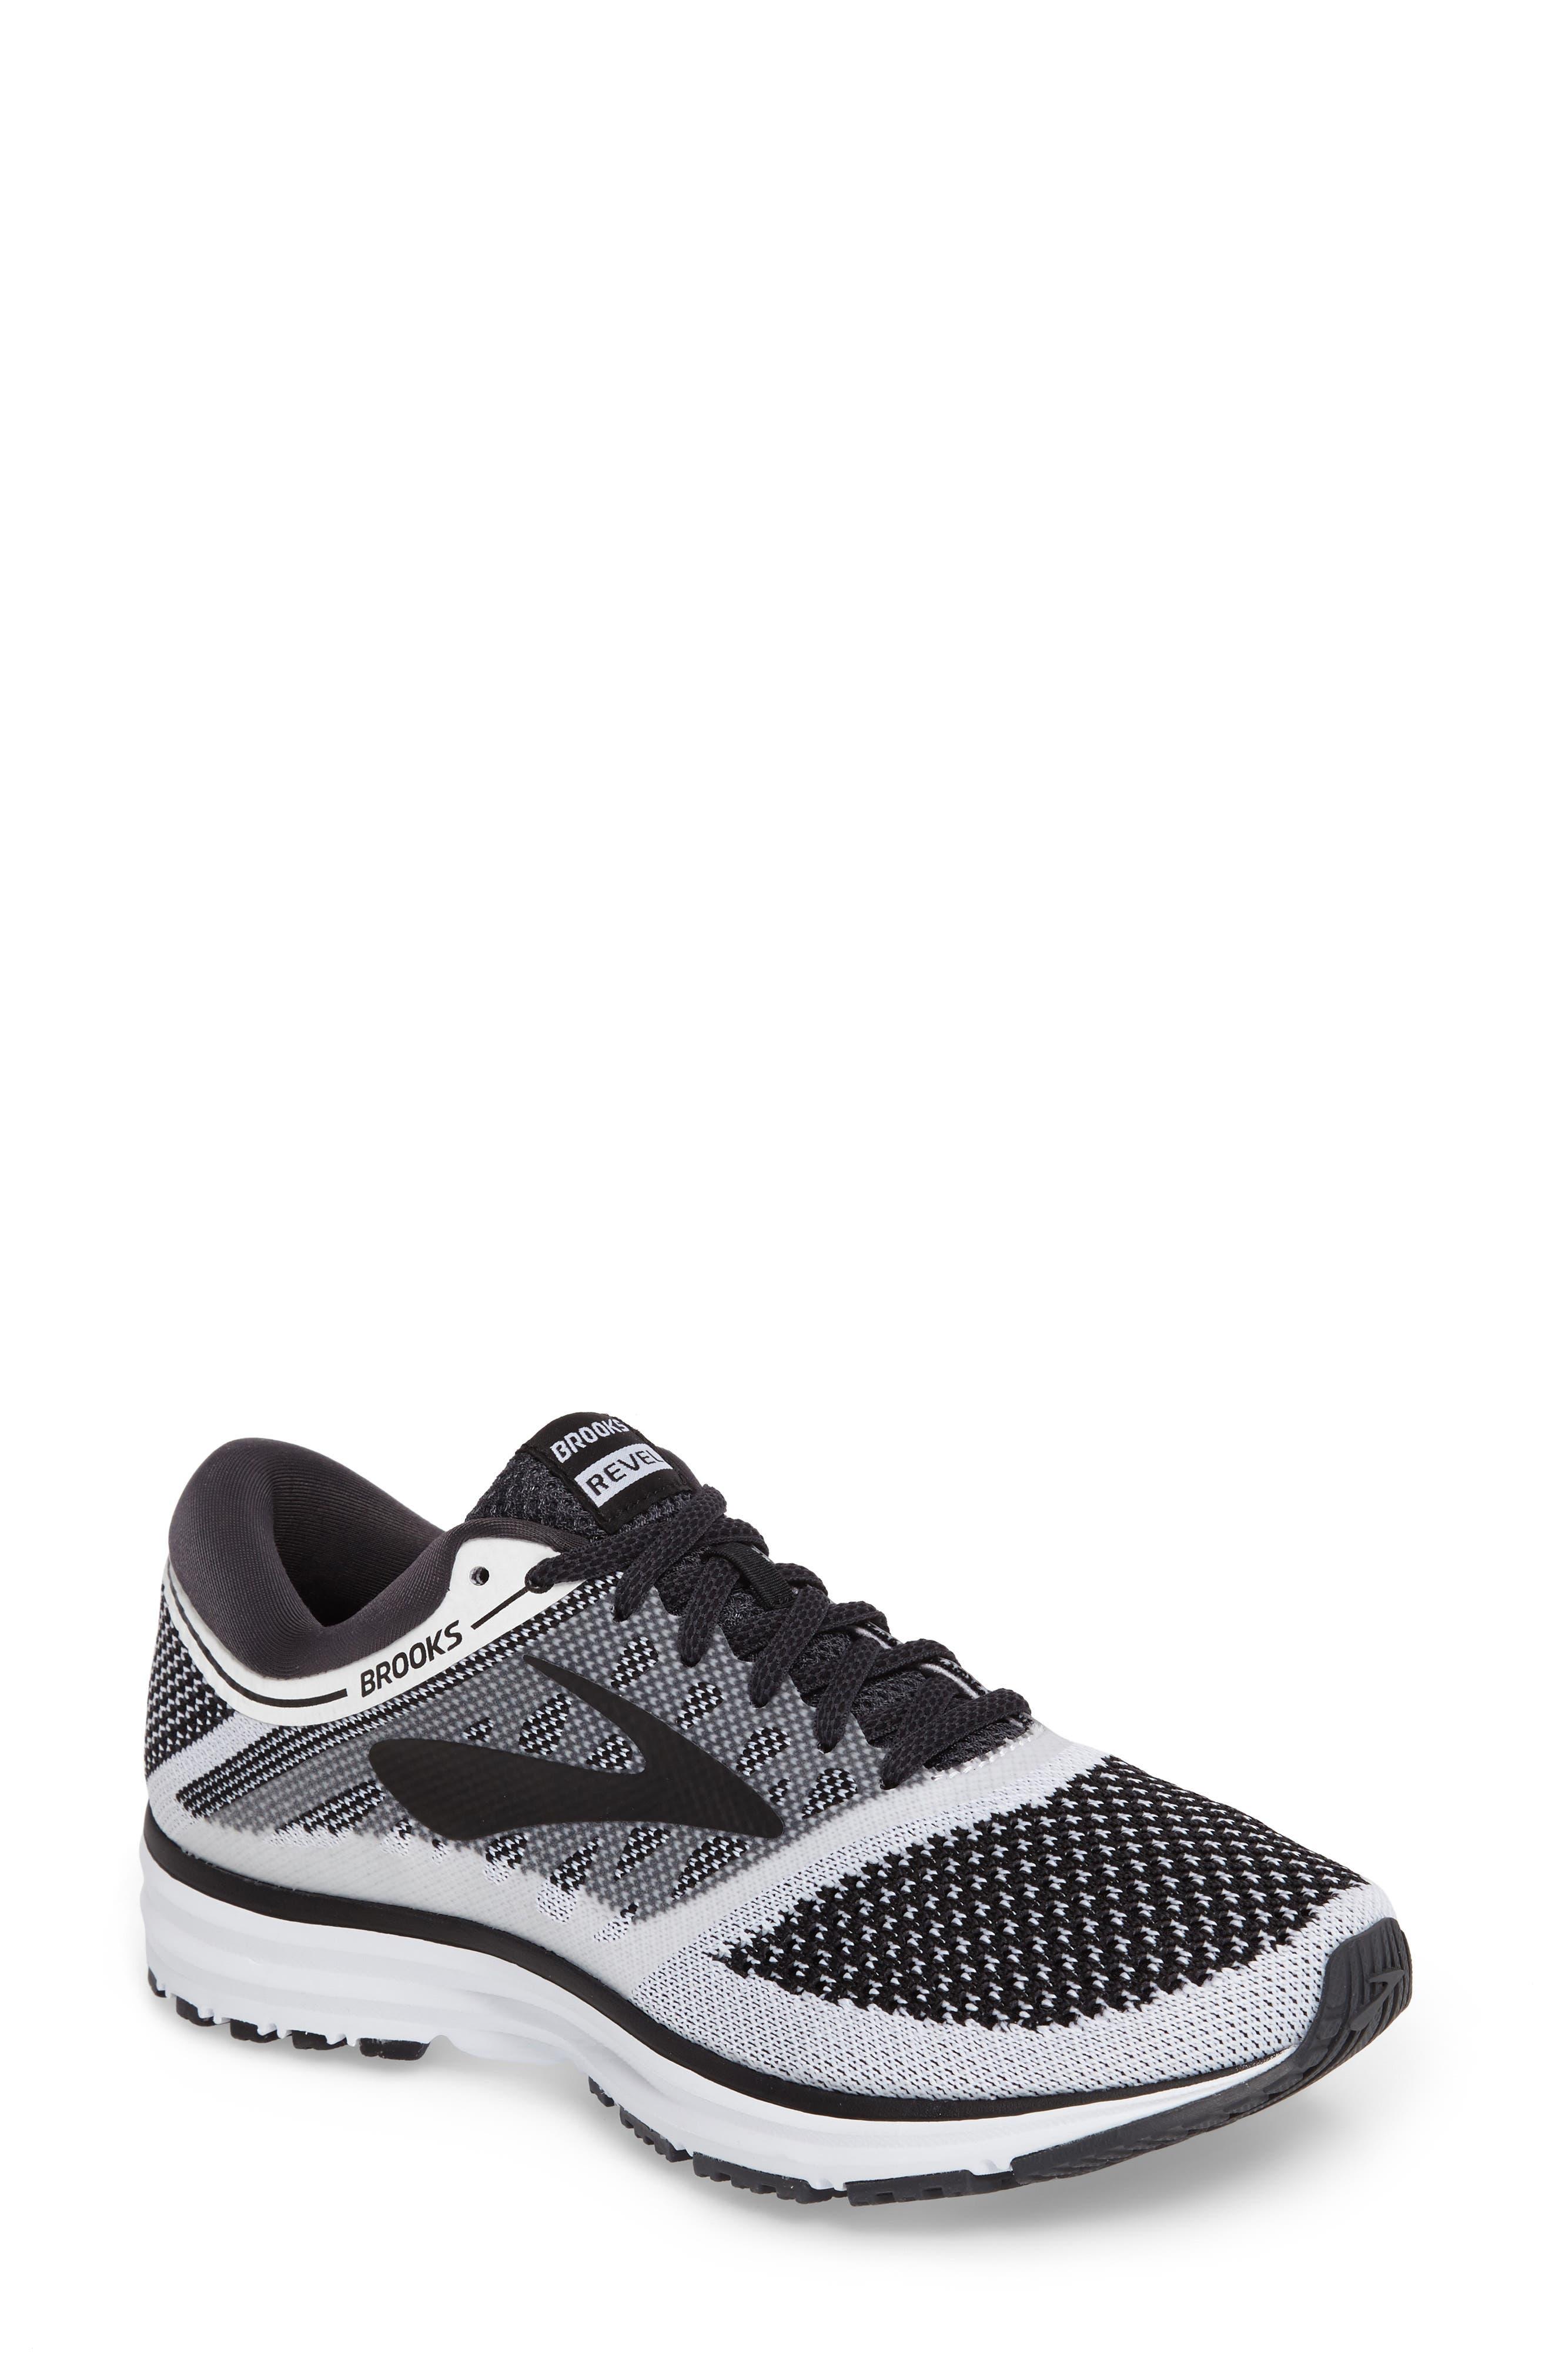 Alternate Image 1 Selected - Brooks Revel Sneaker (Women)